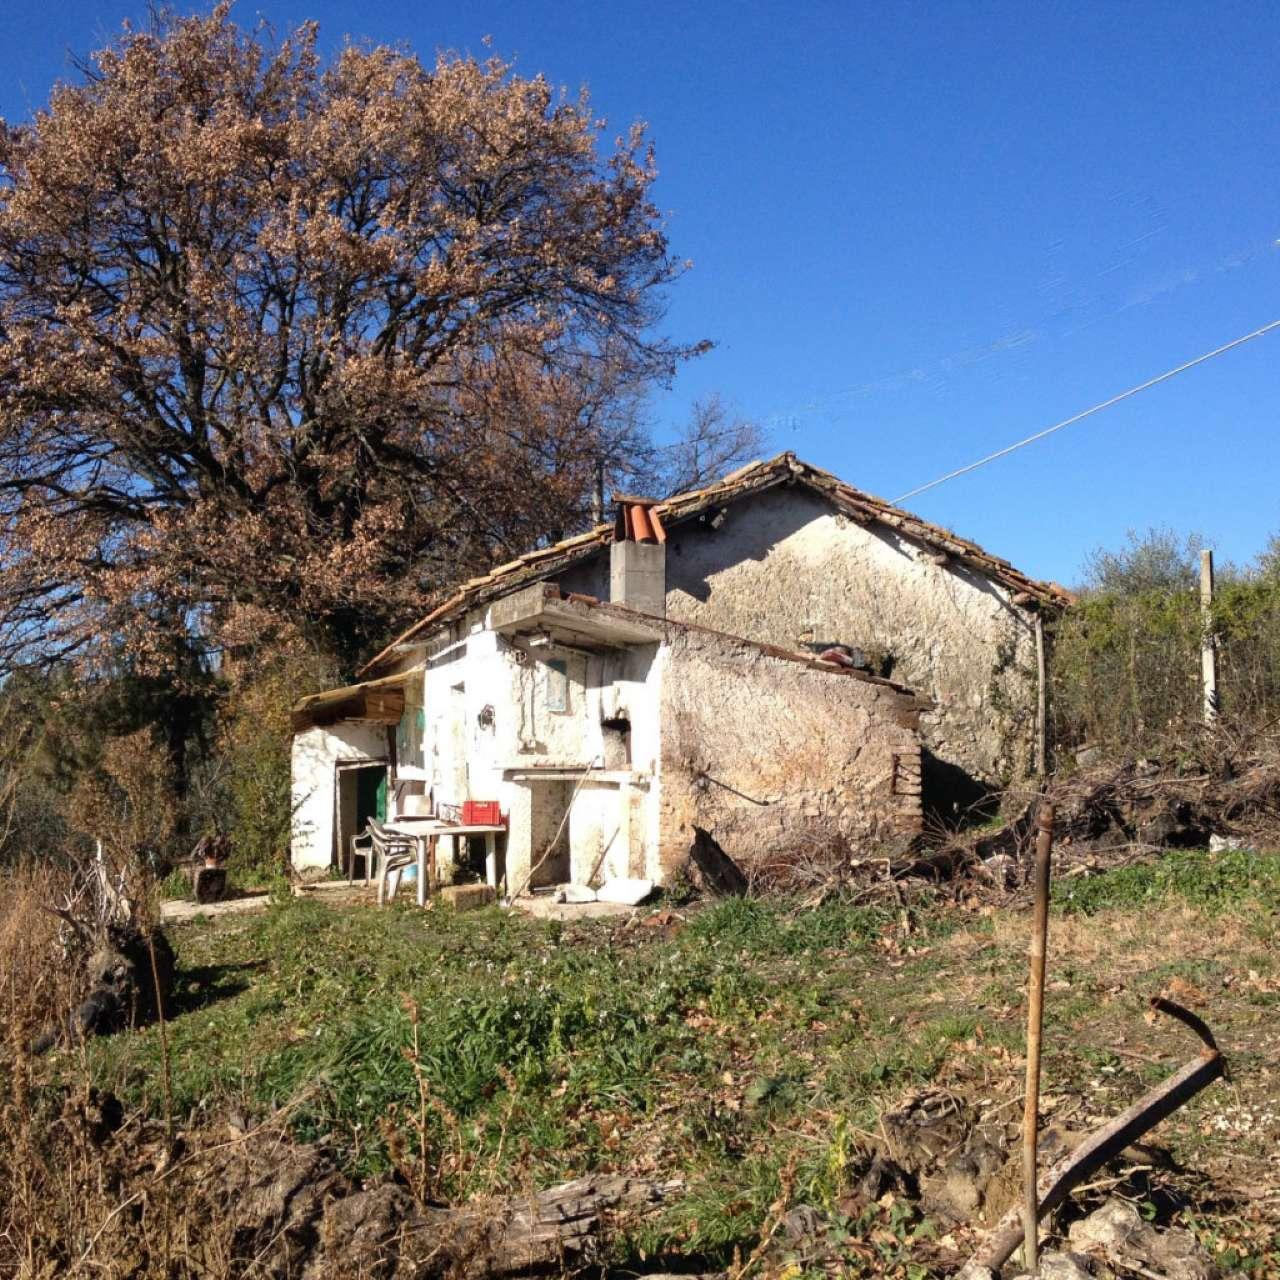 Rustico / Casale in vendita a Montopoli di Sabina, 3 locali, prezzo € 55.000 | CambioCasa.it